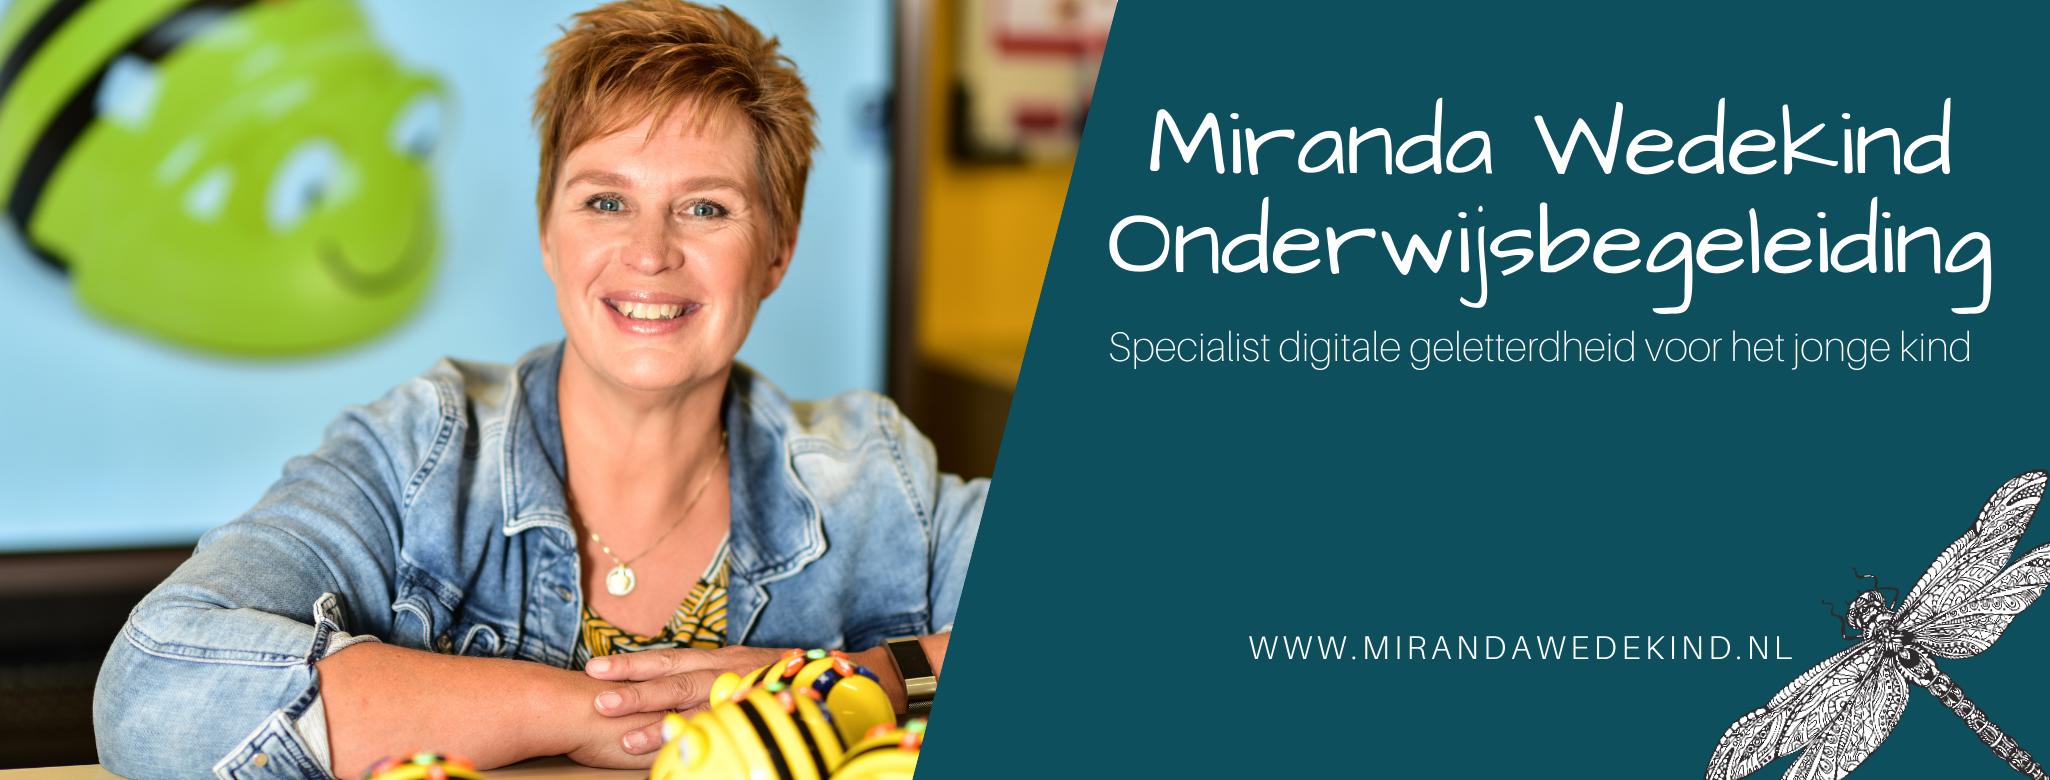 Miranda Wedekind Onderwijsbegeleiding Online Logo